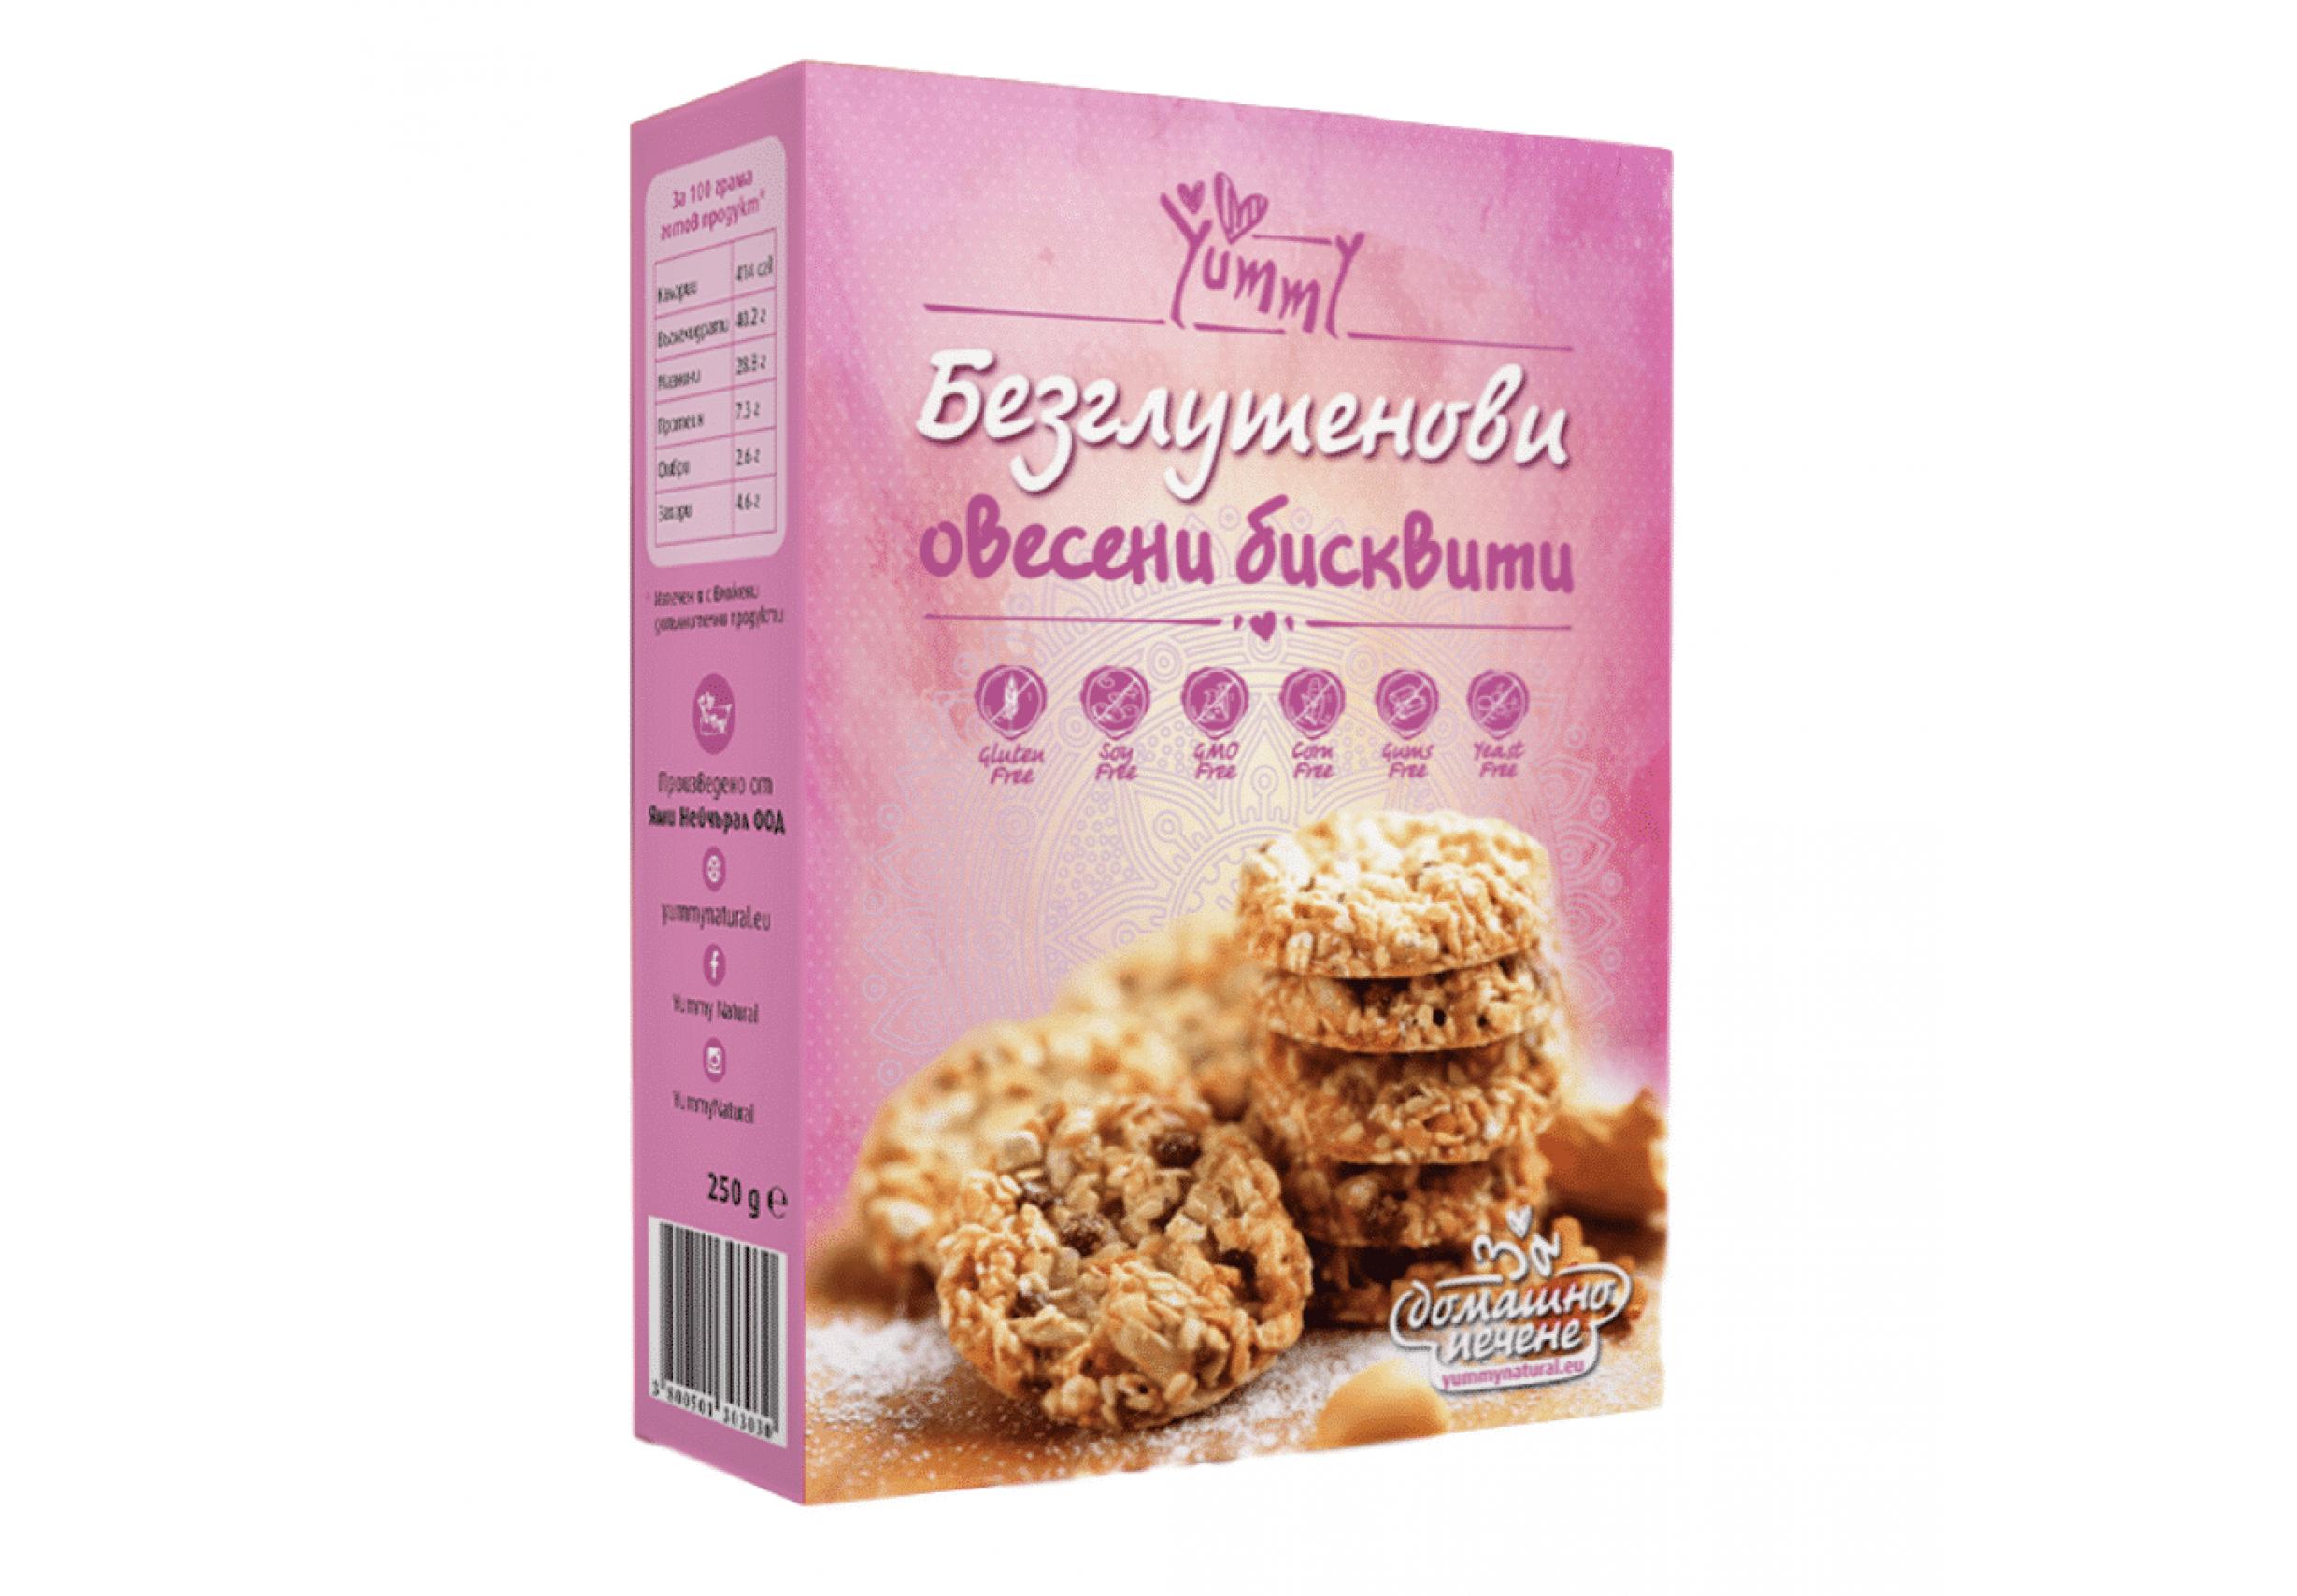 Безглутенови Овесени бисквити